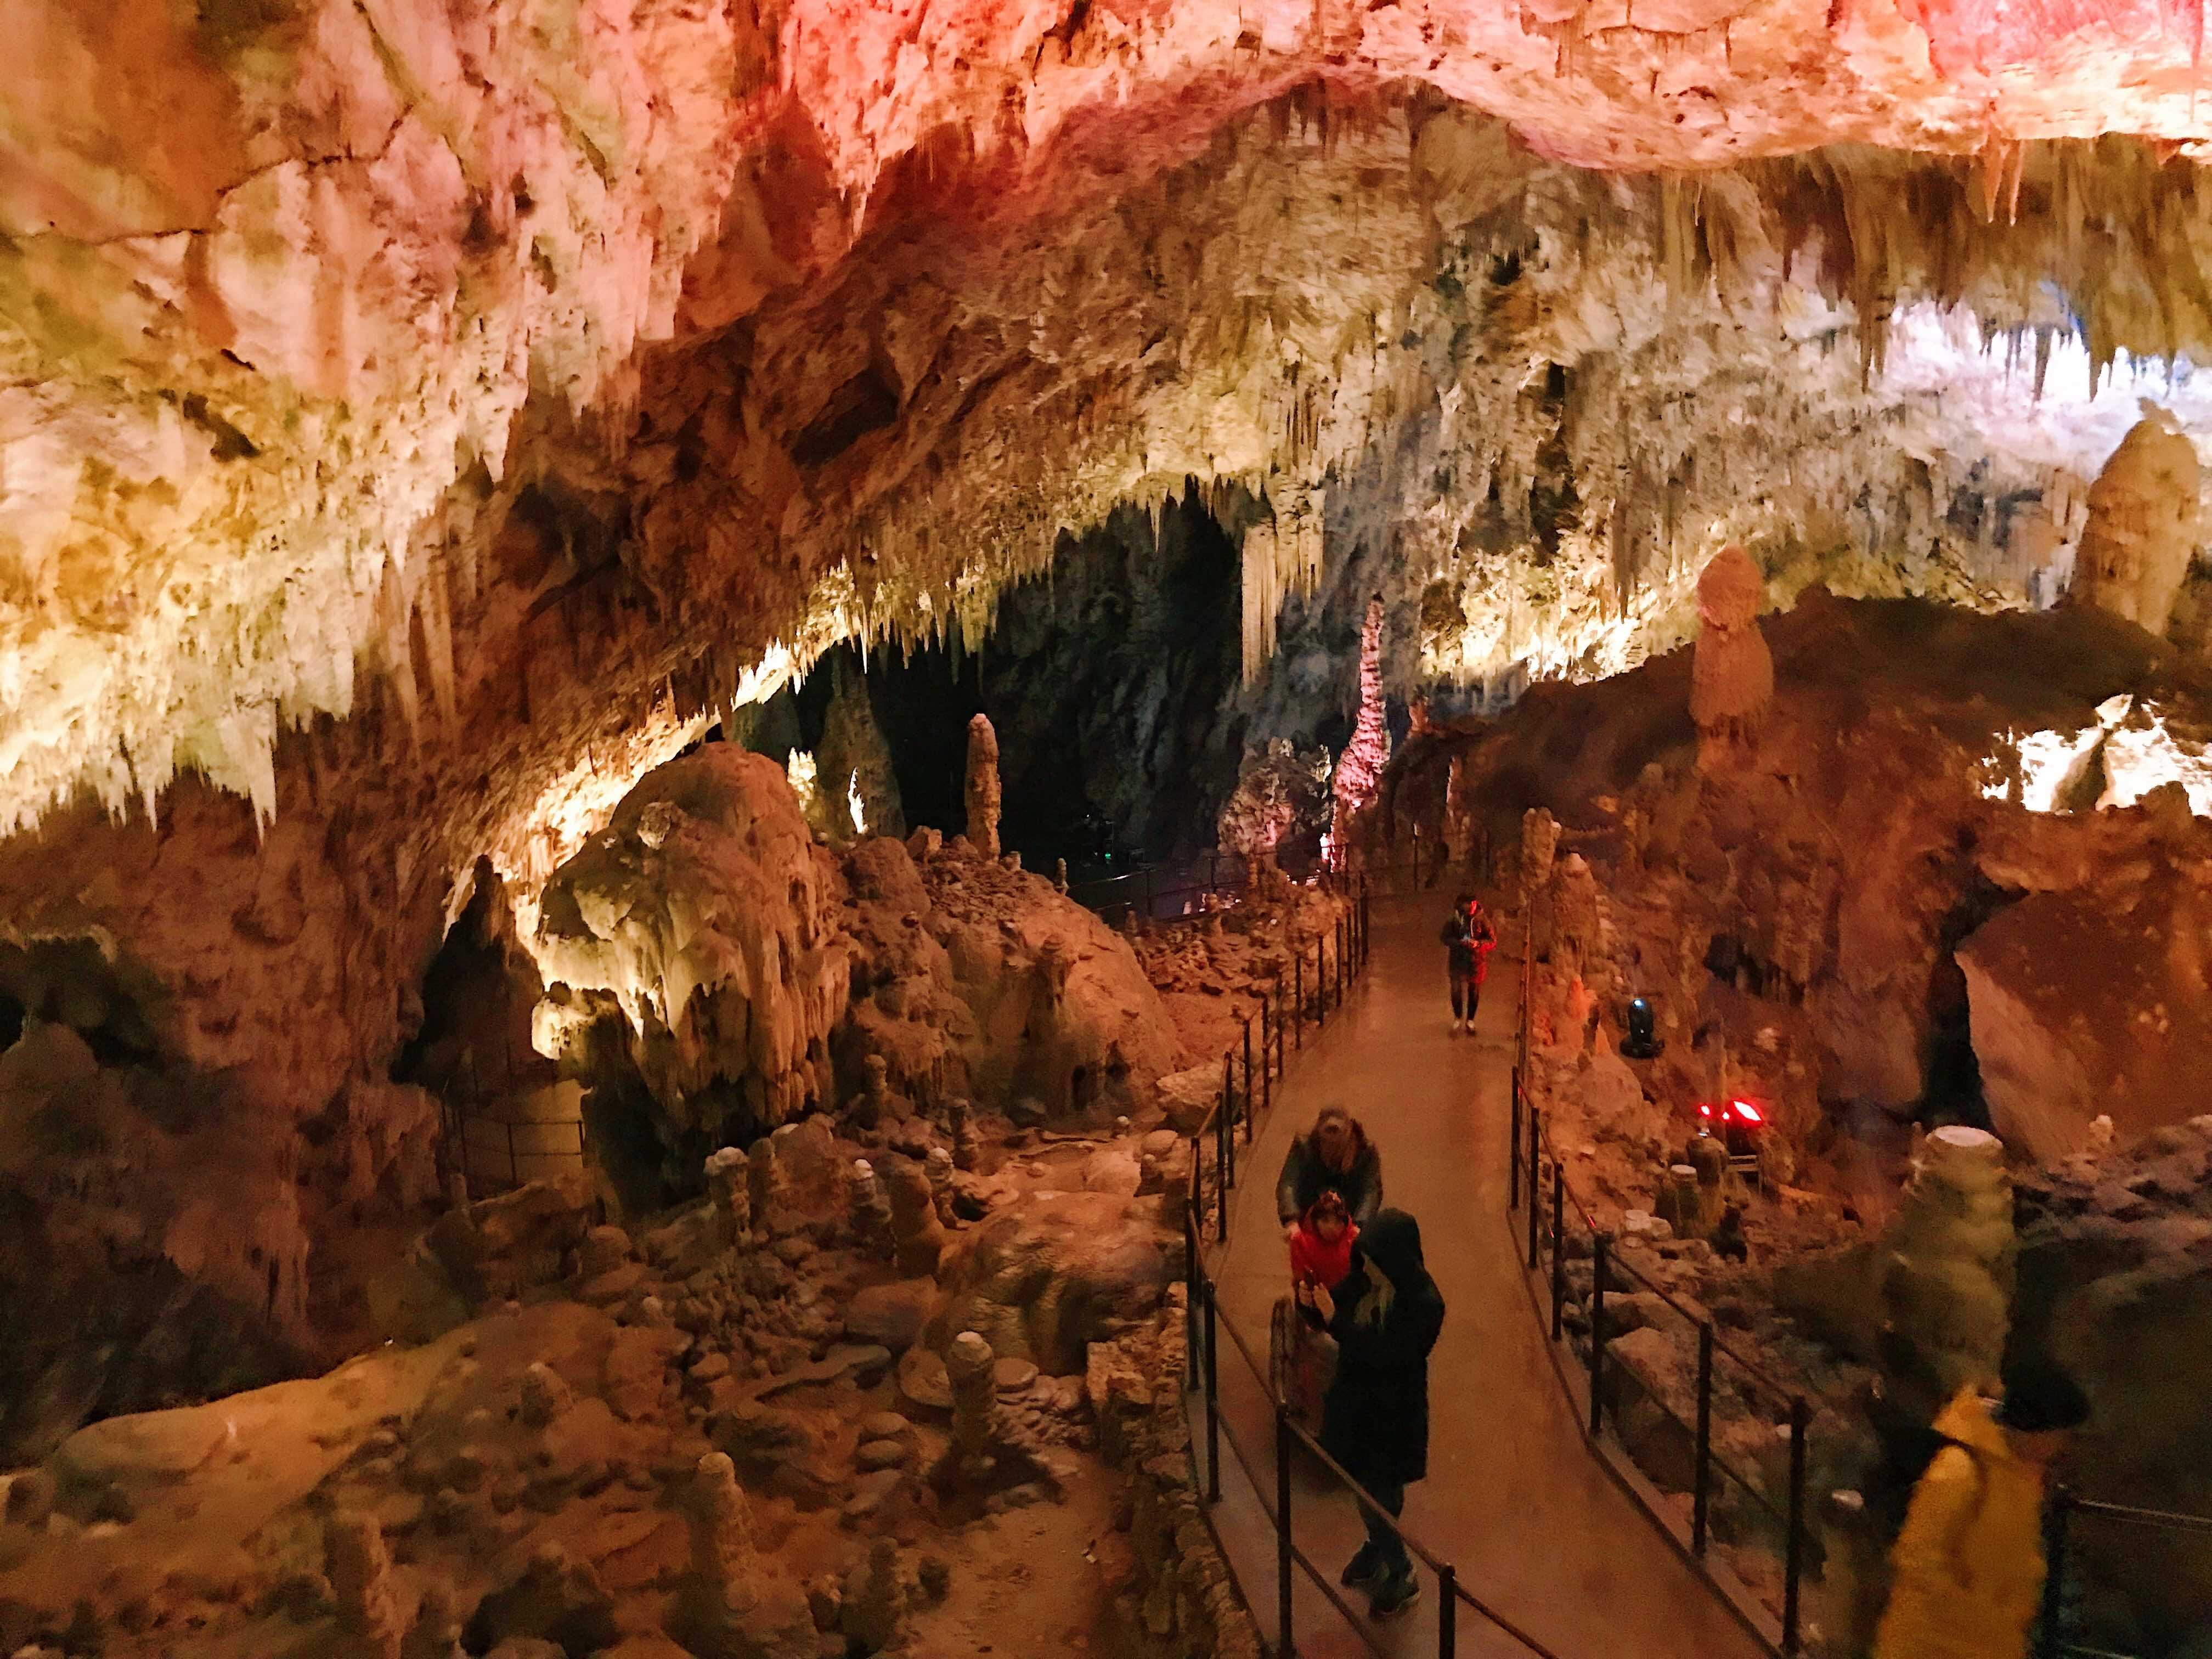 Le grotte di Postumia: sala rossa